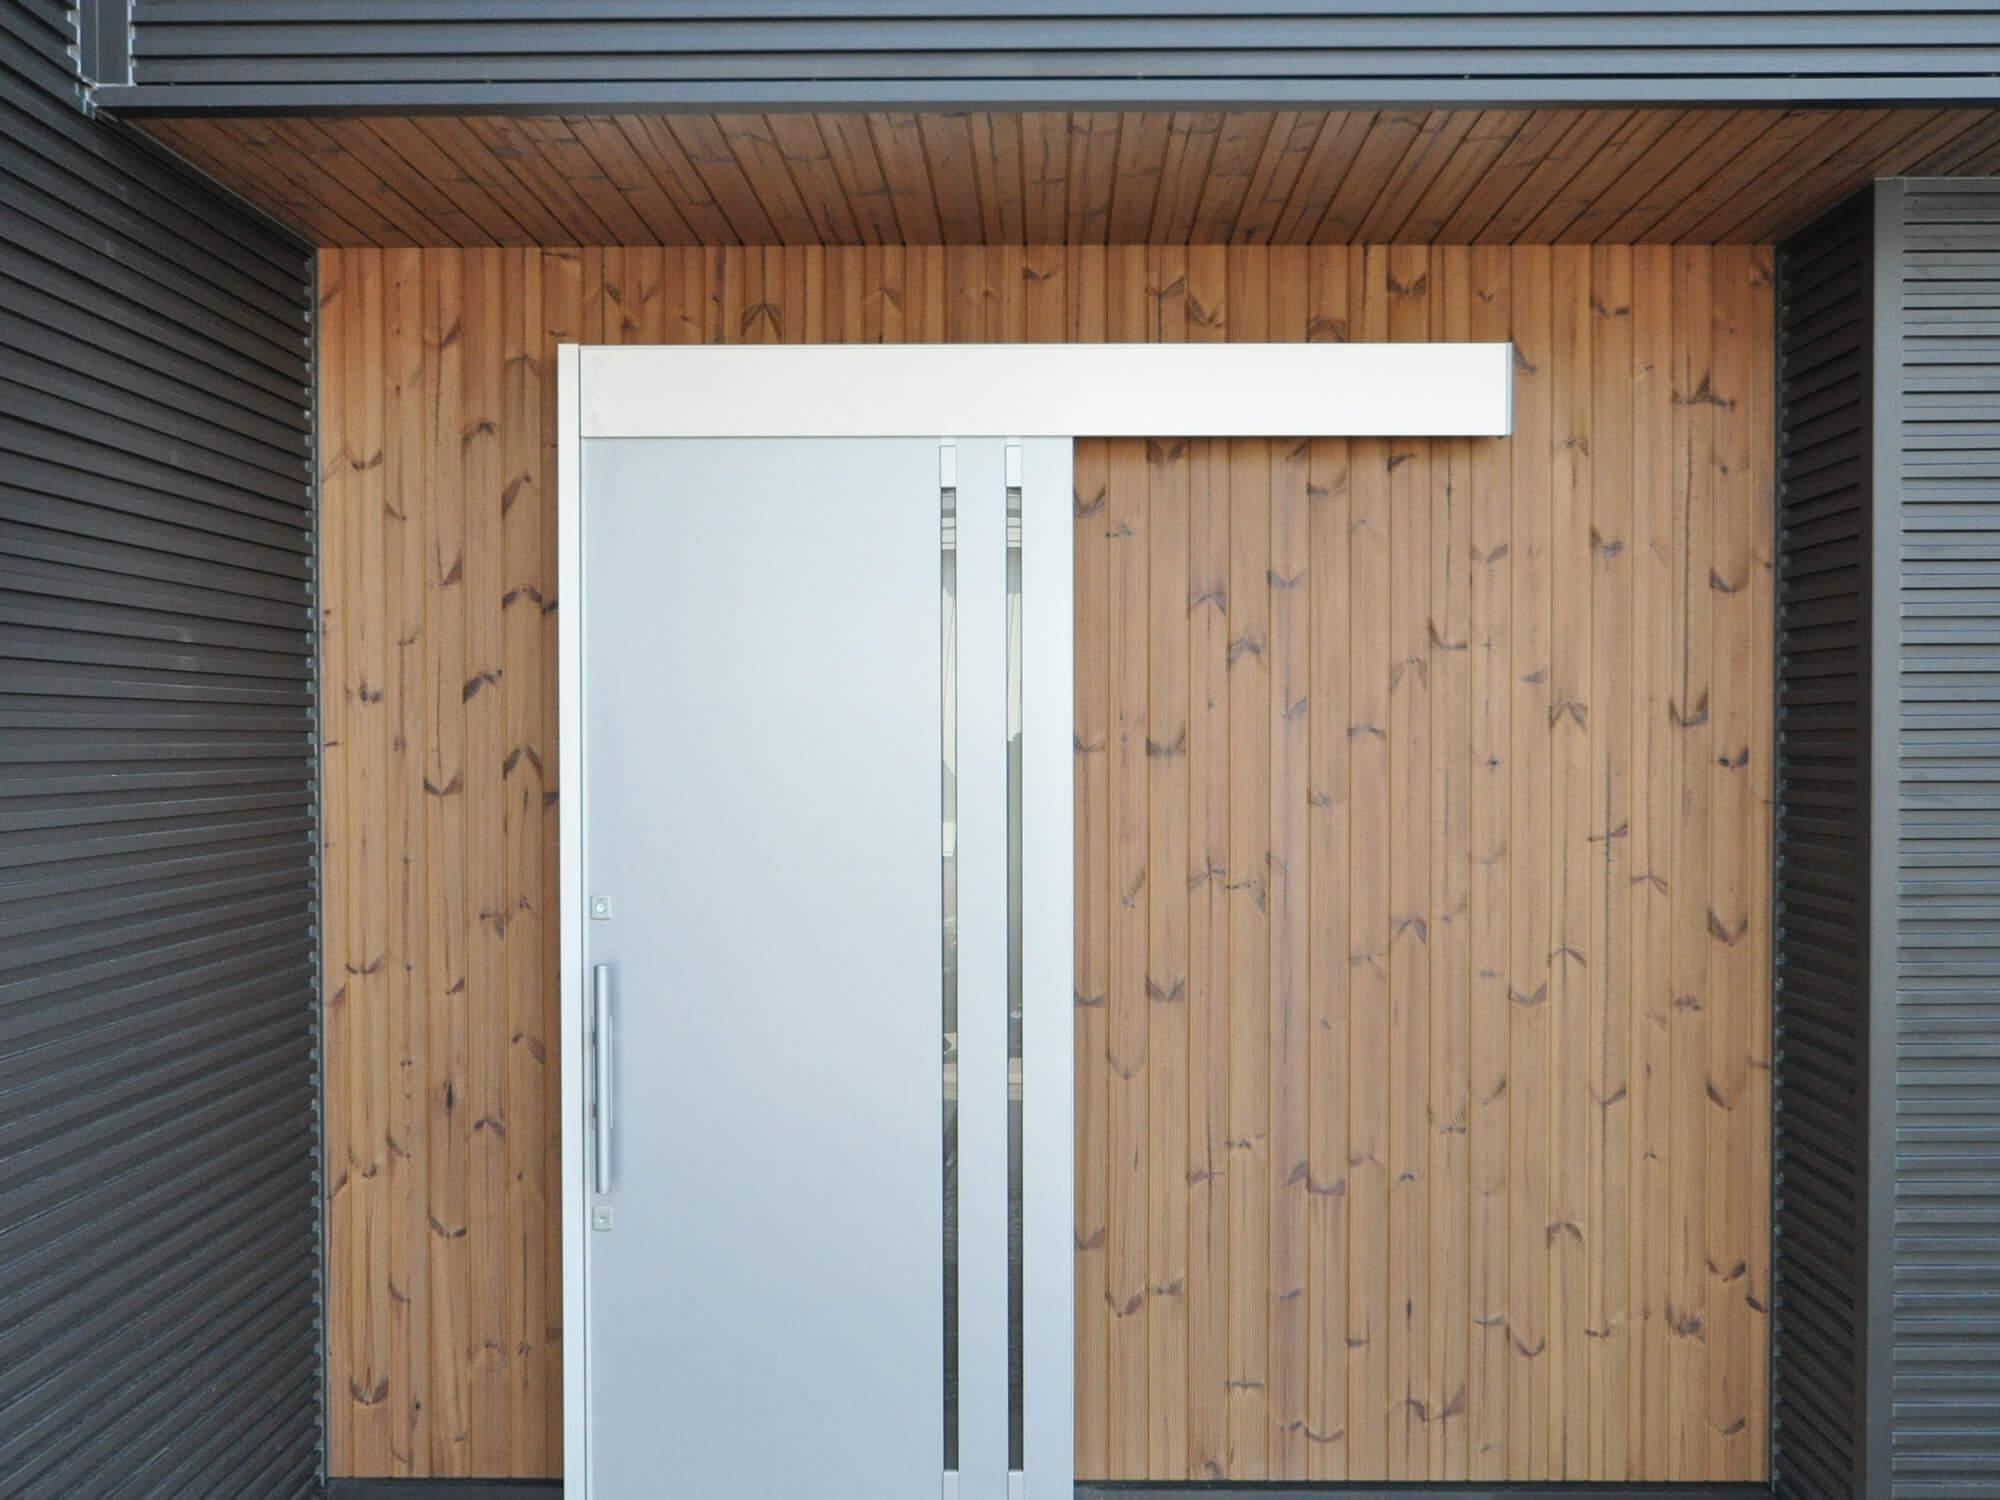 小木の家02|小牧市|建築家×工務店のNatureスペース注文住宅施工事例